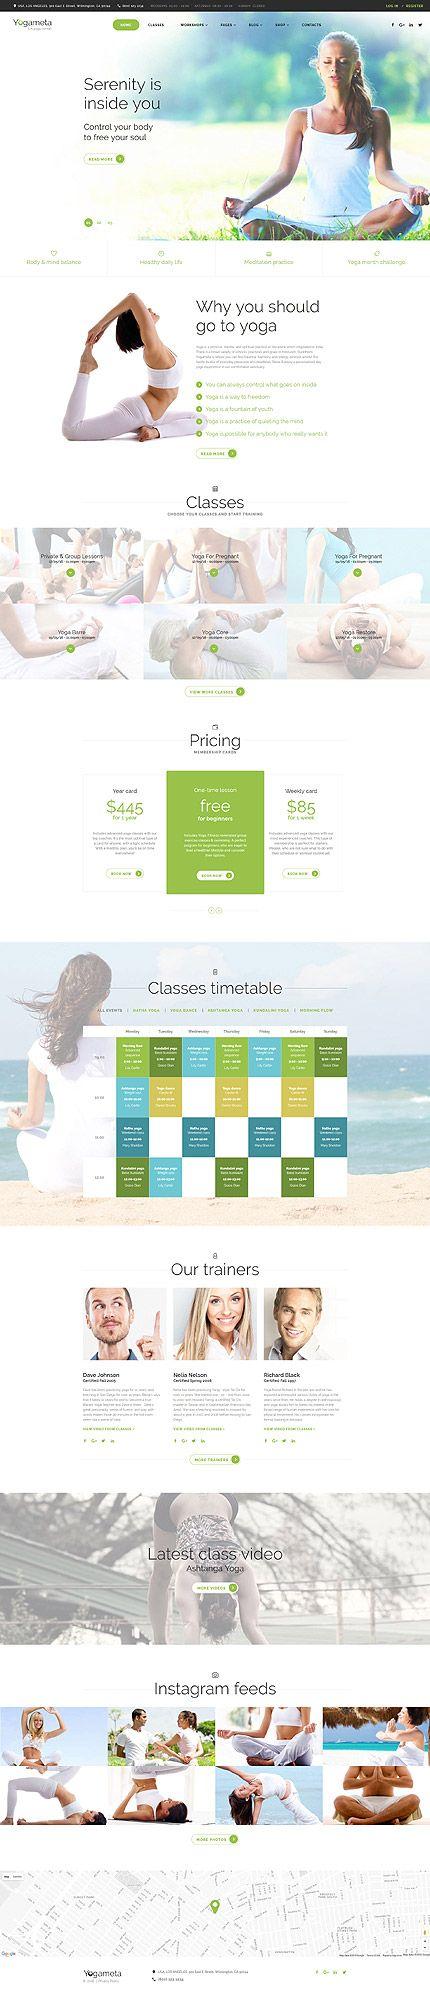 18 best yoga images on Pinterest | Website designs, Design websites ...